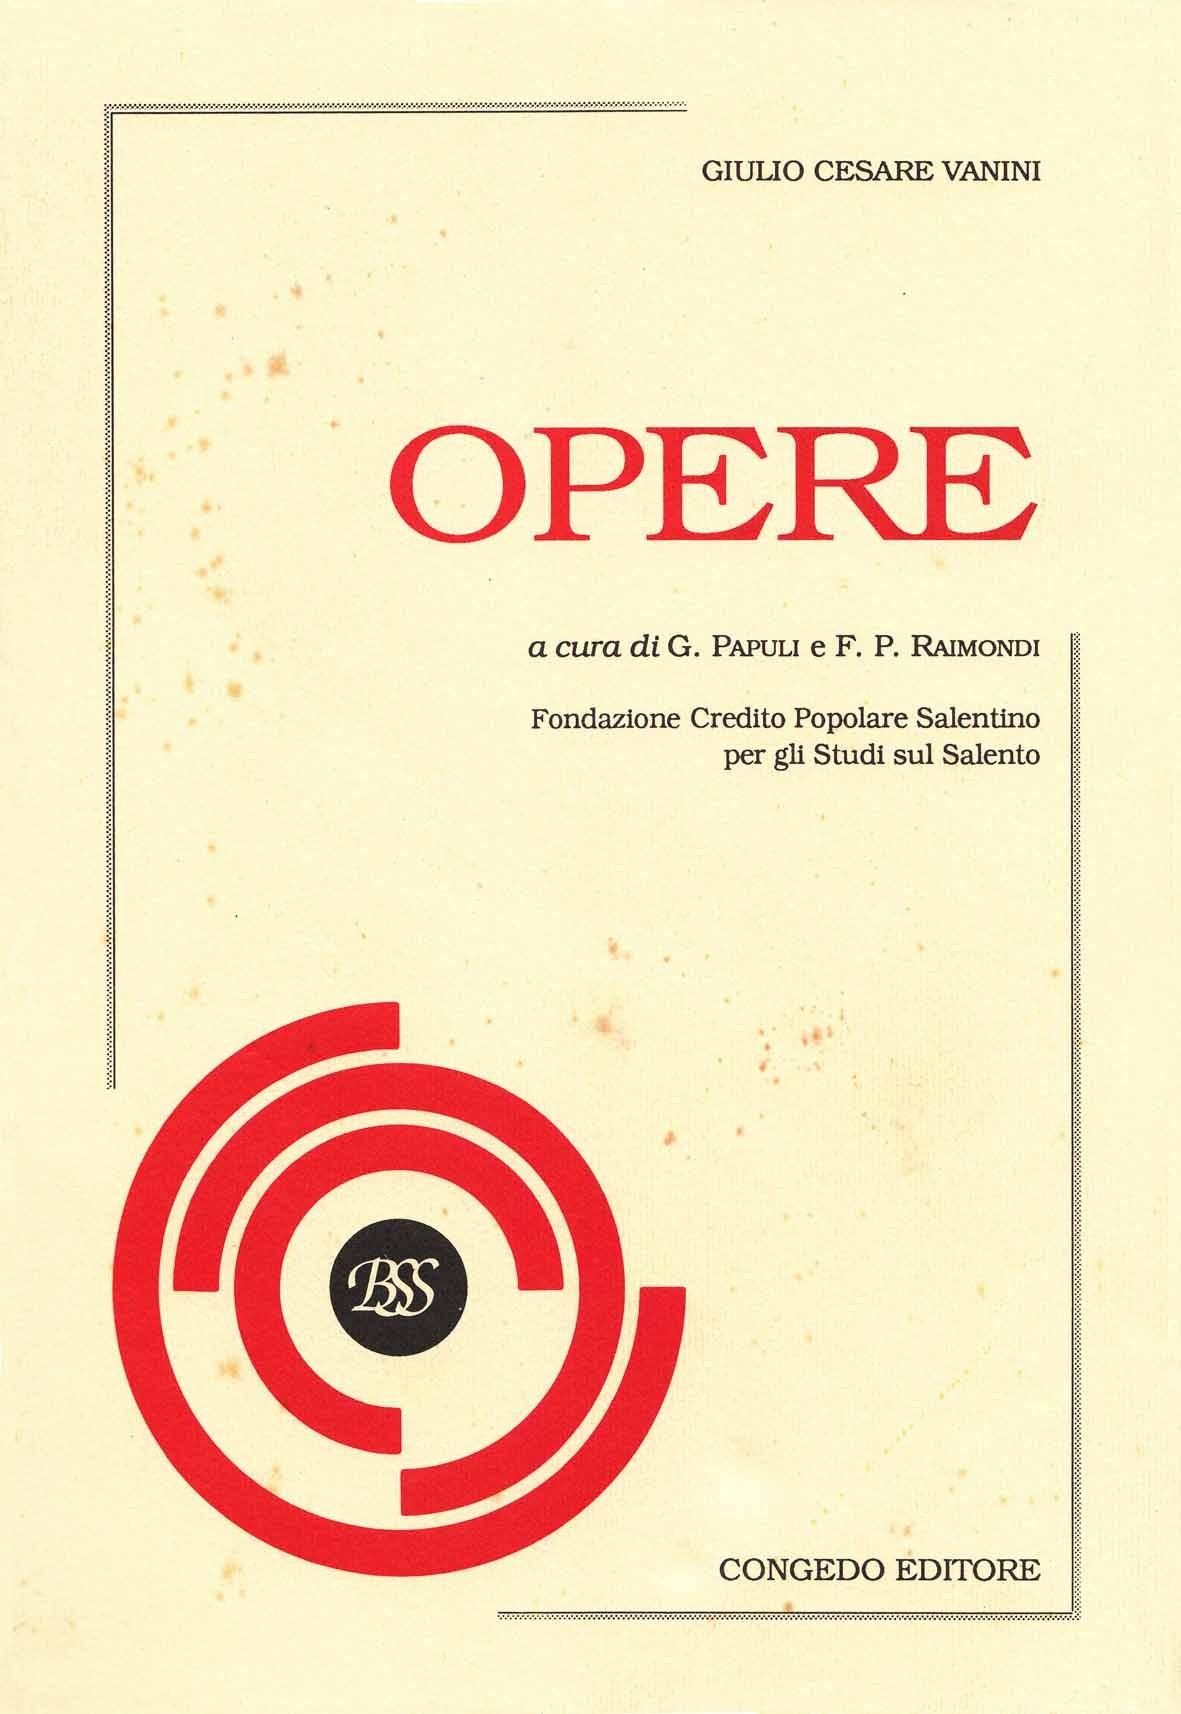 Opere (Giulio Cesare Vanini)